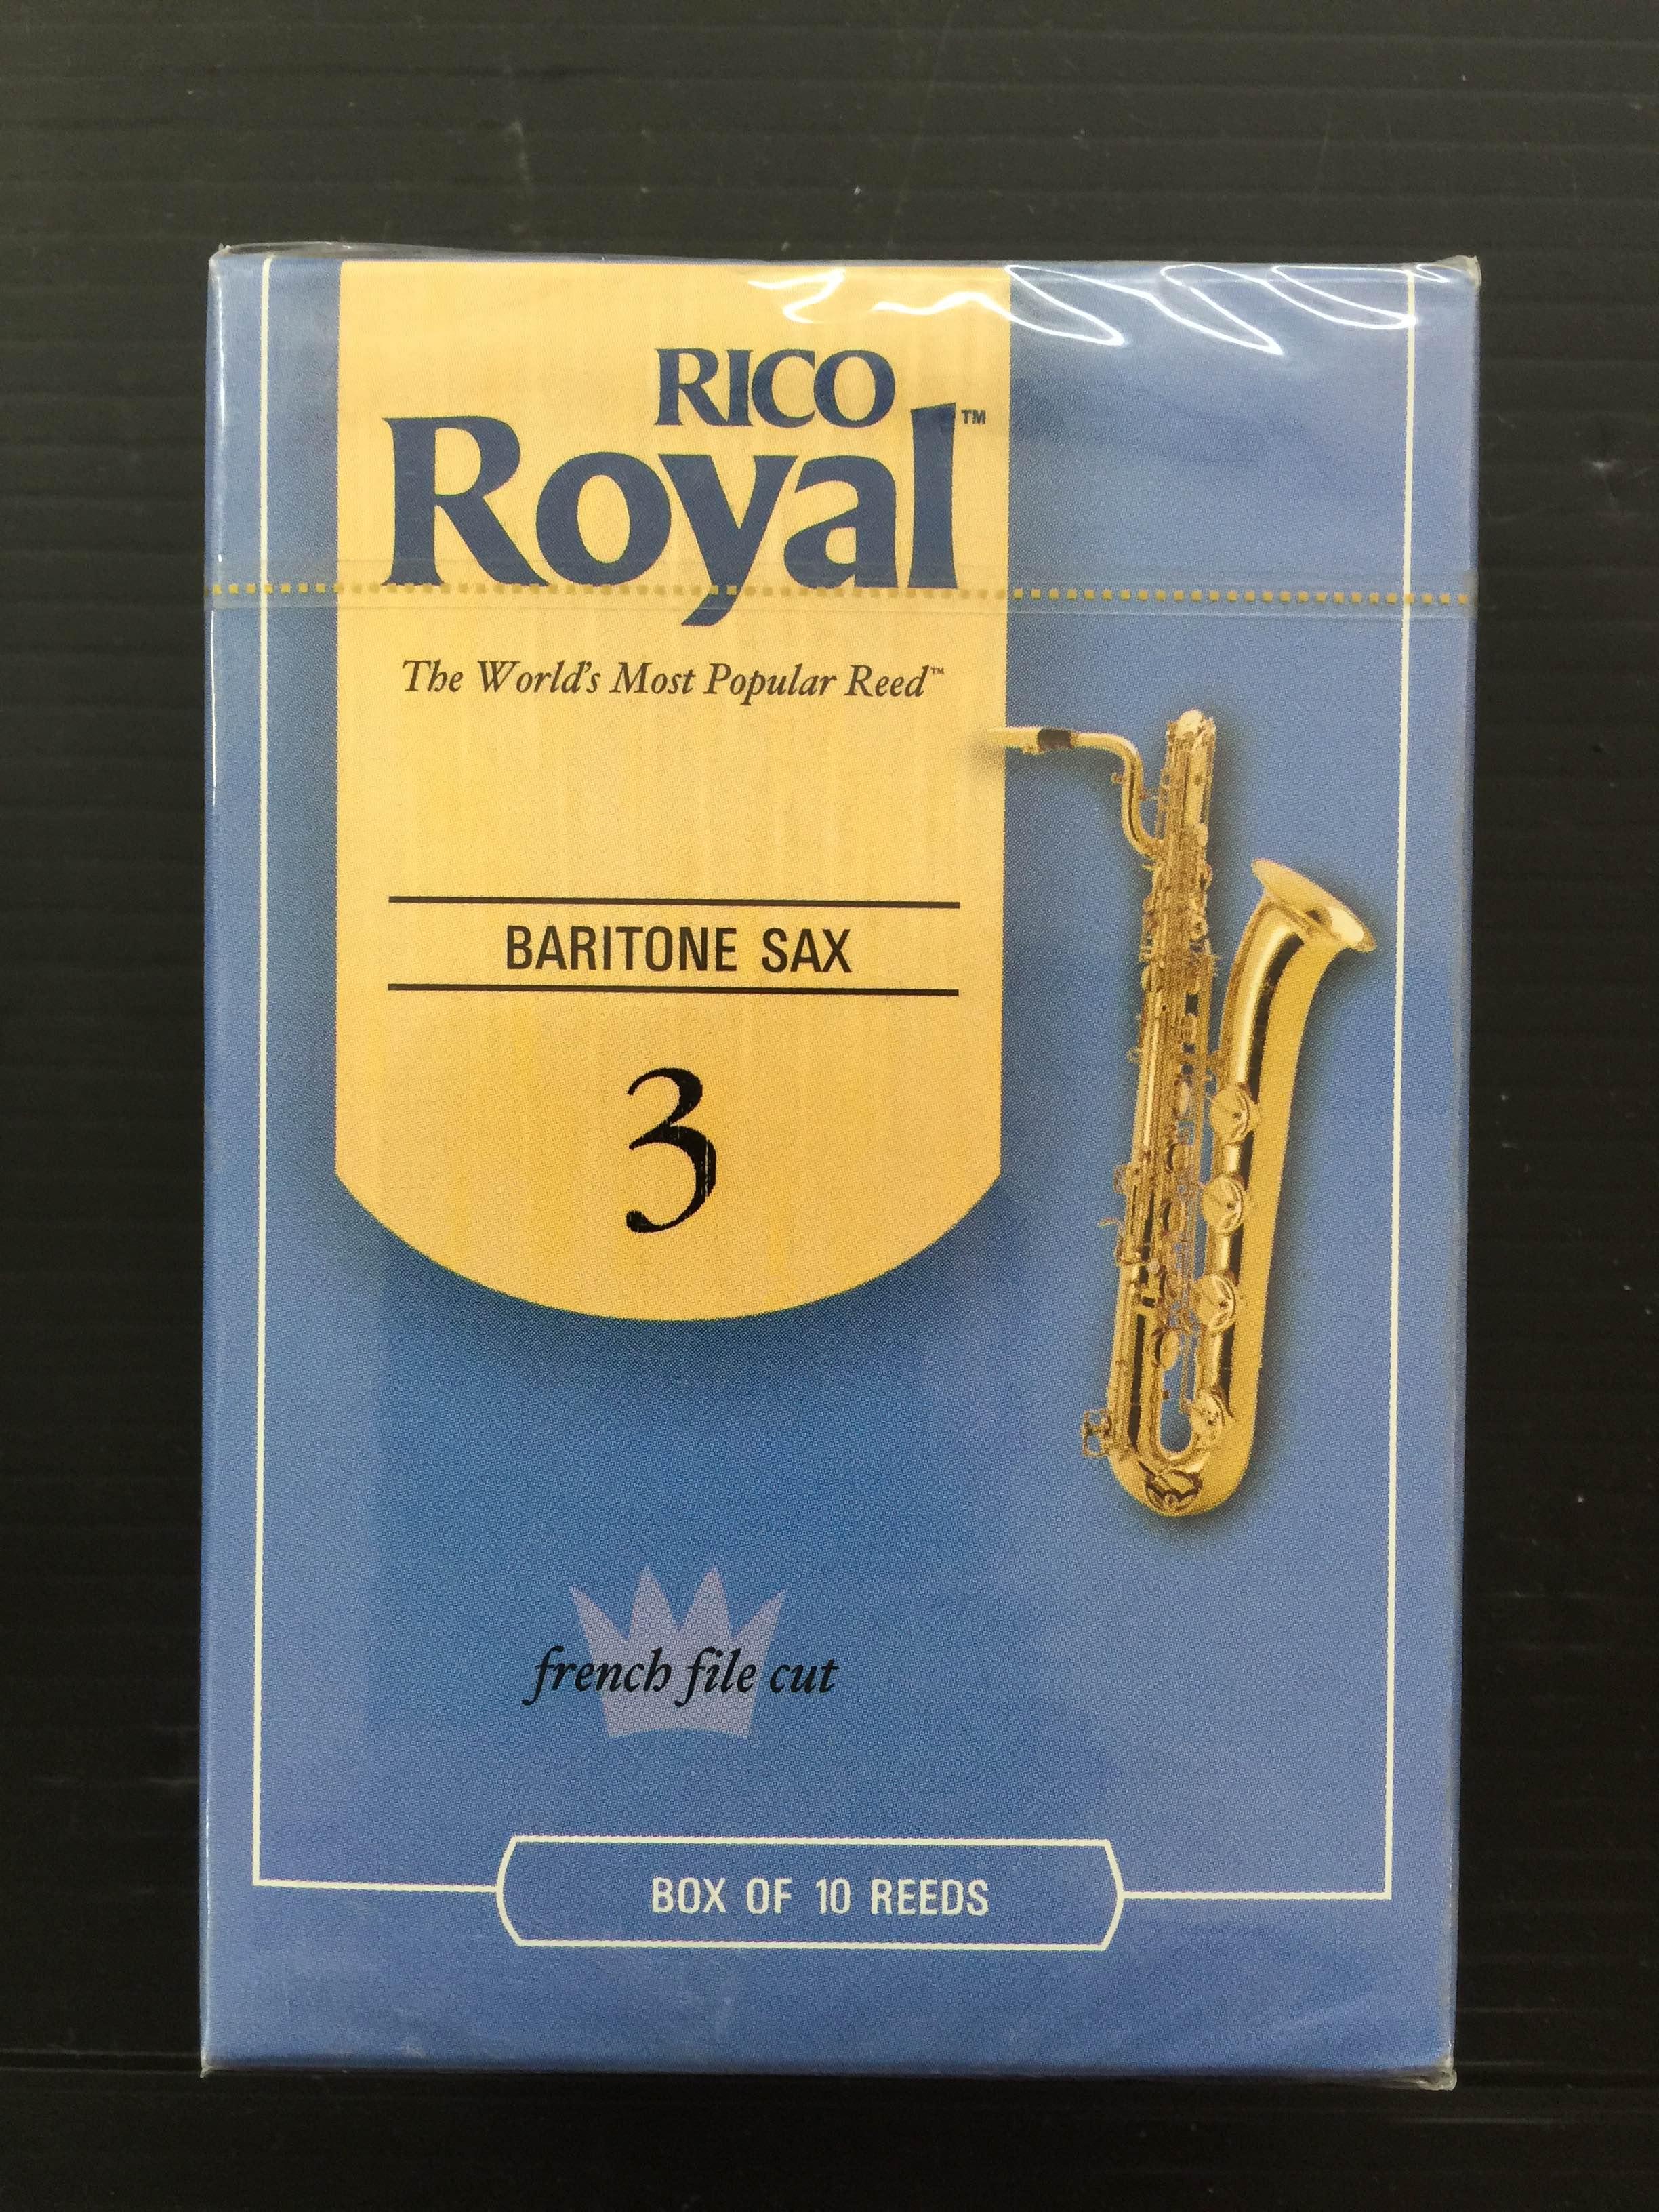 קופסה של 10 עלים RICO/RICO ROYAL סקסופון בריטון